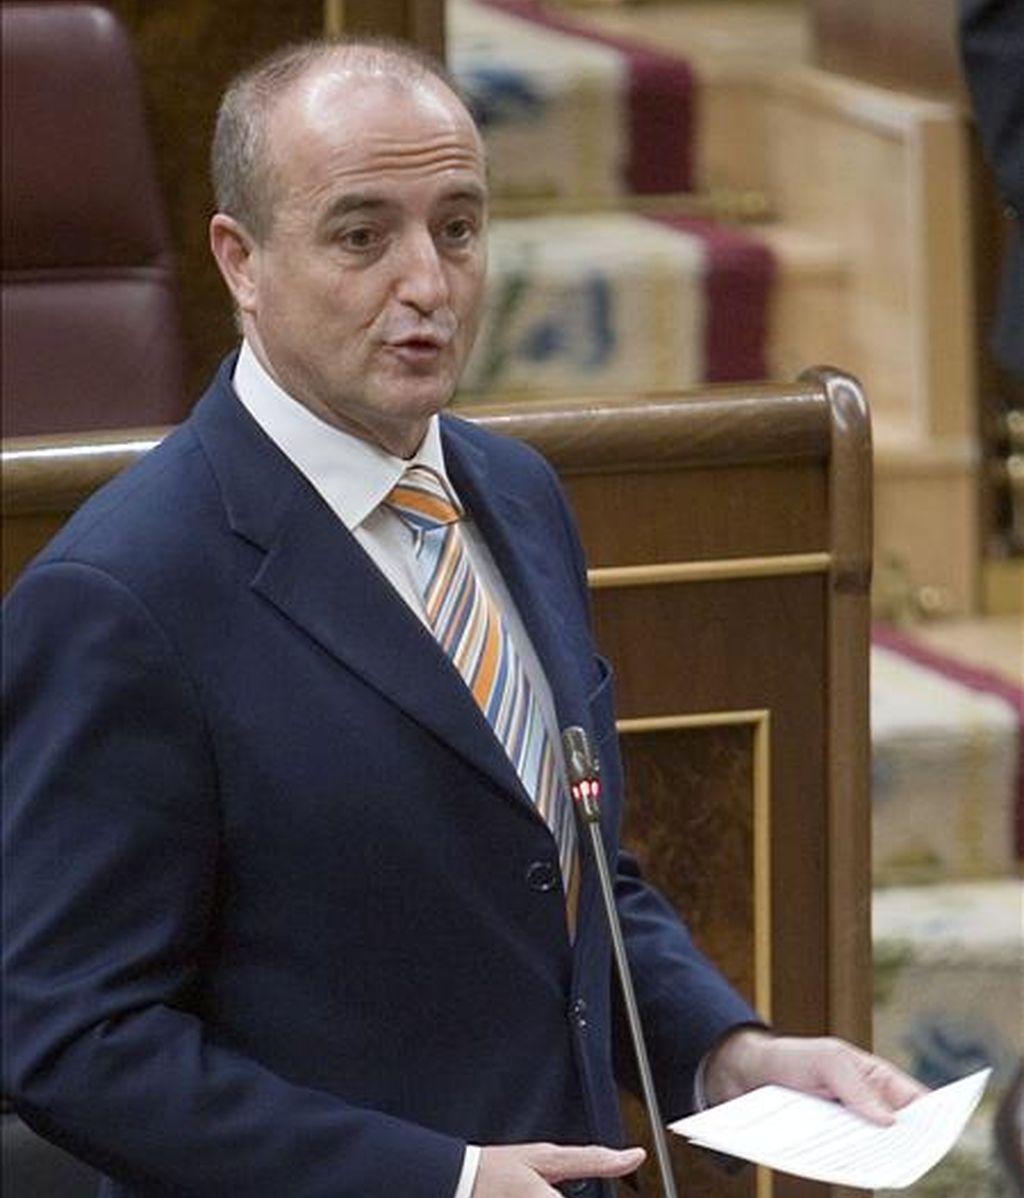 El ministro de Industria, Miguel Sebastián, durante su intervención en el pleno del Congreso, donde se refirió a la facturación mensualmente de las eléctricas. EFE/Archivo